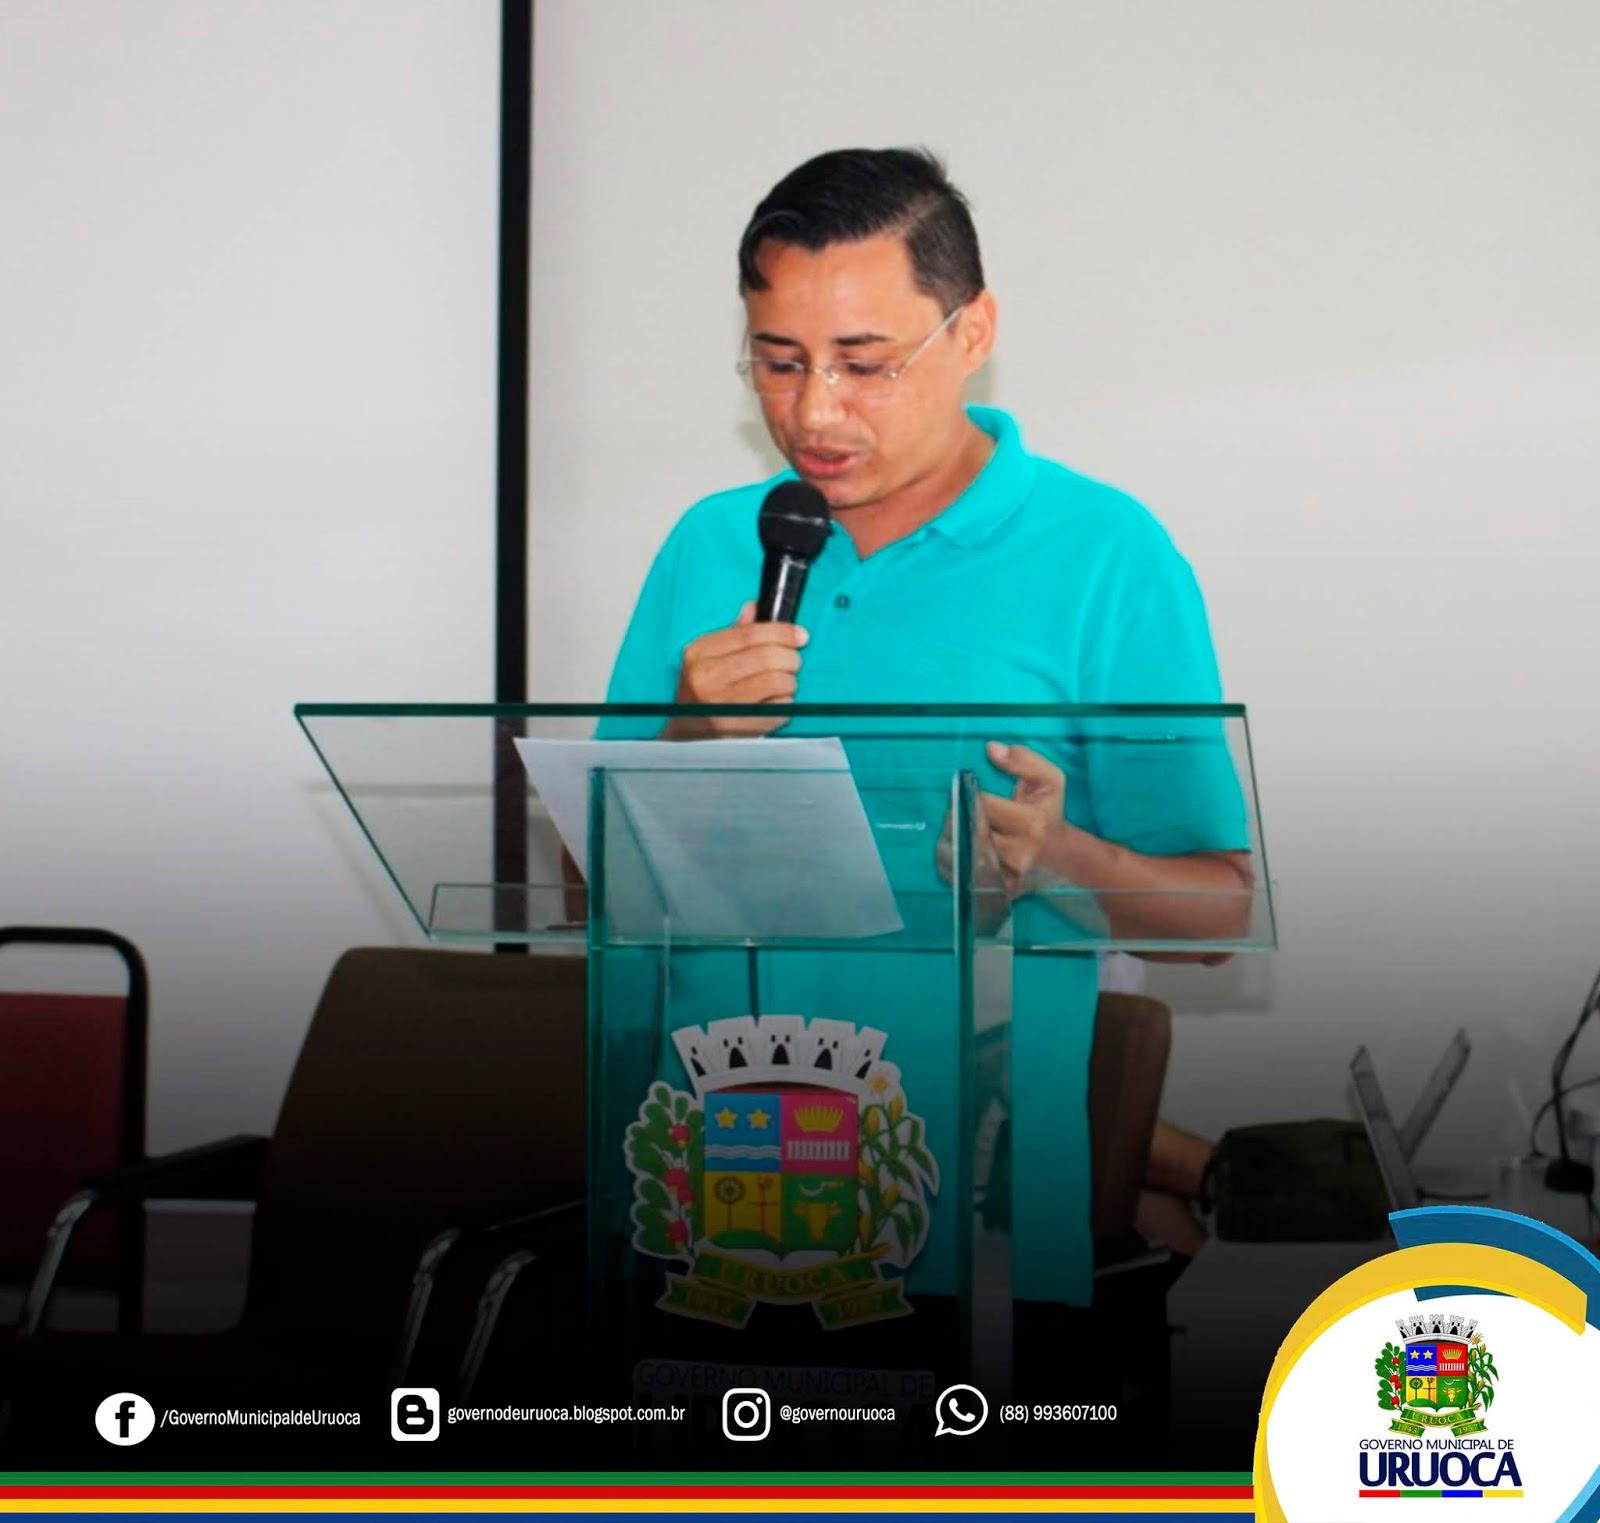 AUDIÊNCIA PÚBLICA DISCUTE E APROVA DEMANDAS DO PLANO MUNICIPAL DE SANEAMENTO BÁSICO